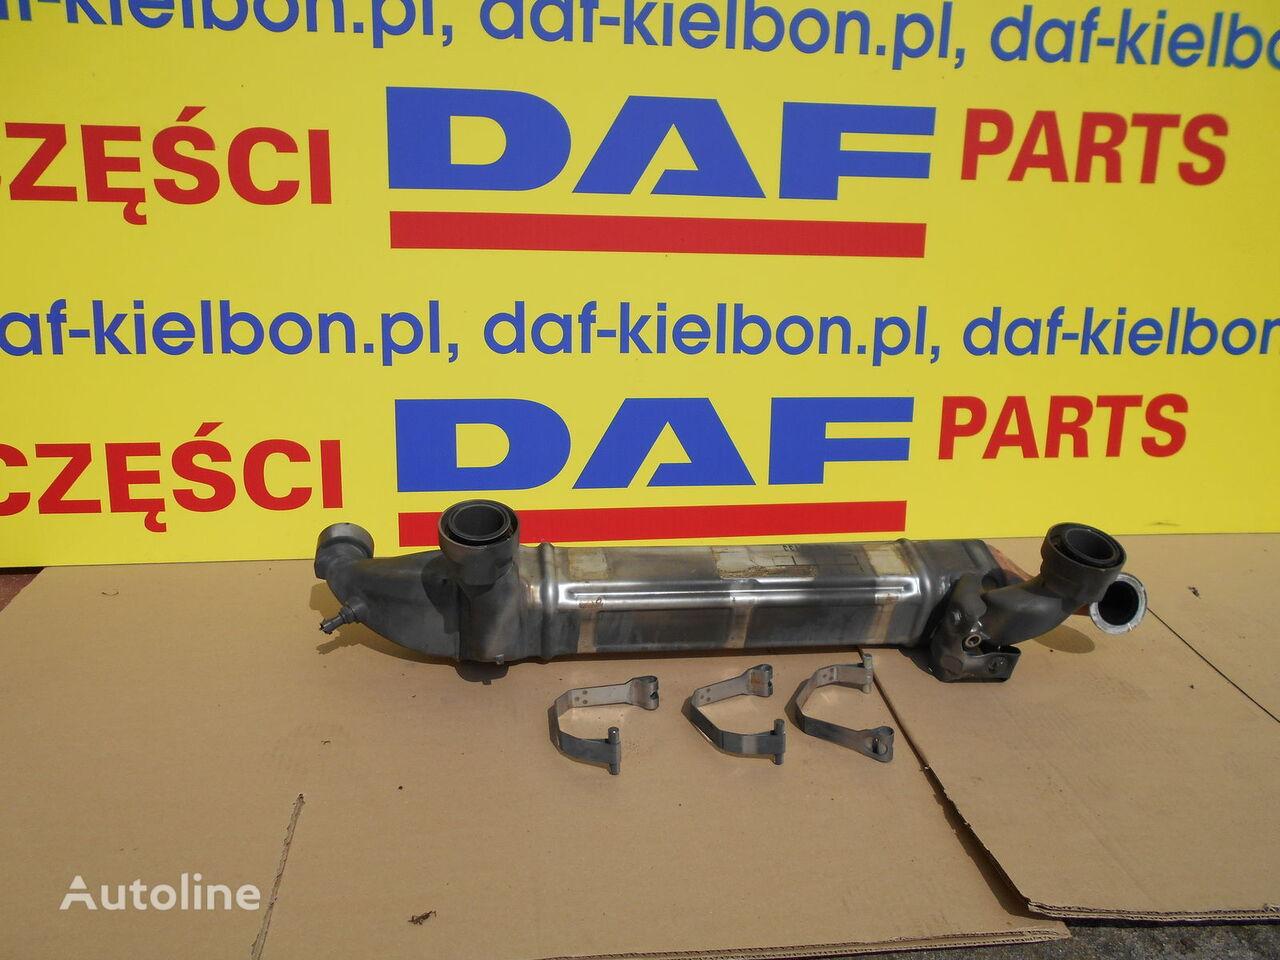 medzichladič SPALIN EGR na ťahača DAF XF 106